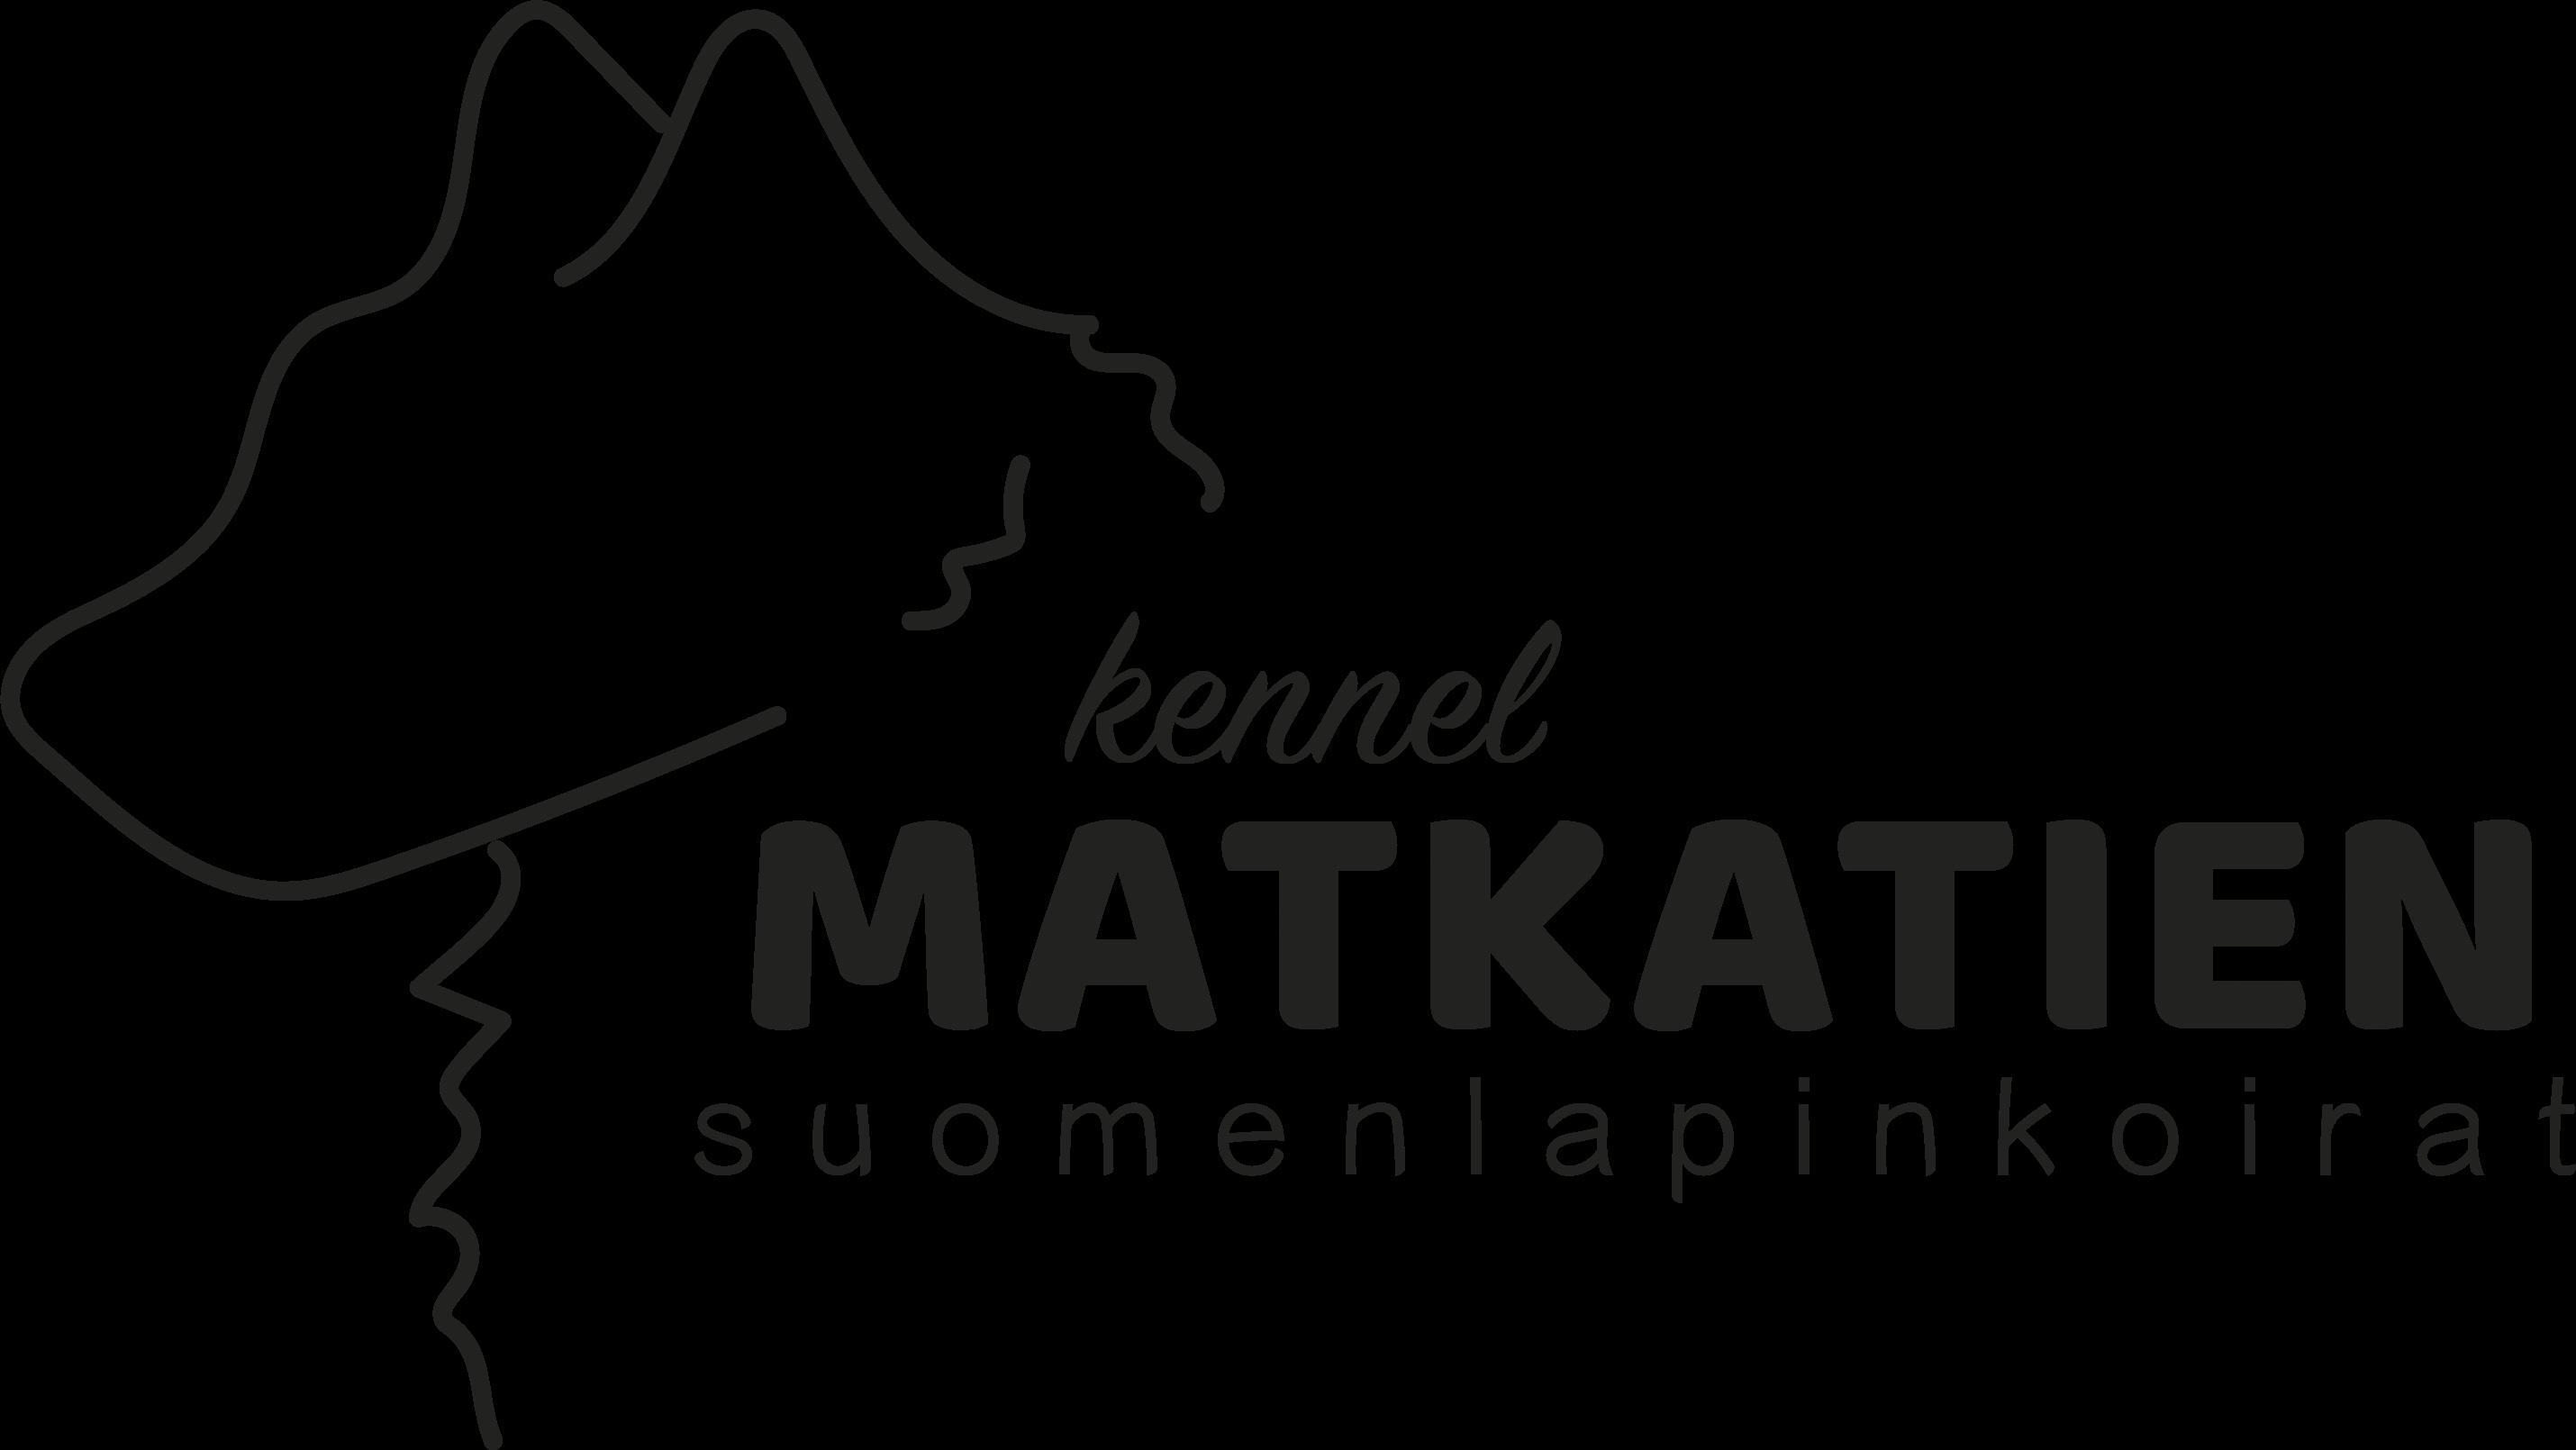 kennel Matkatien